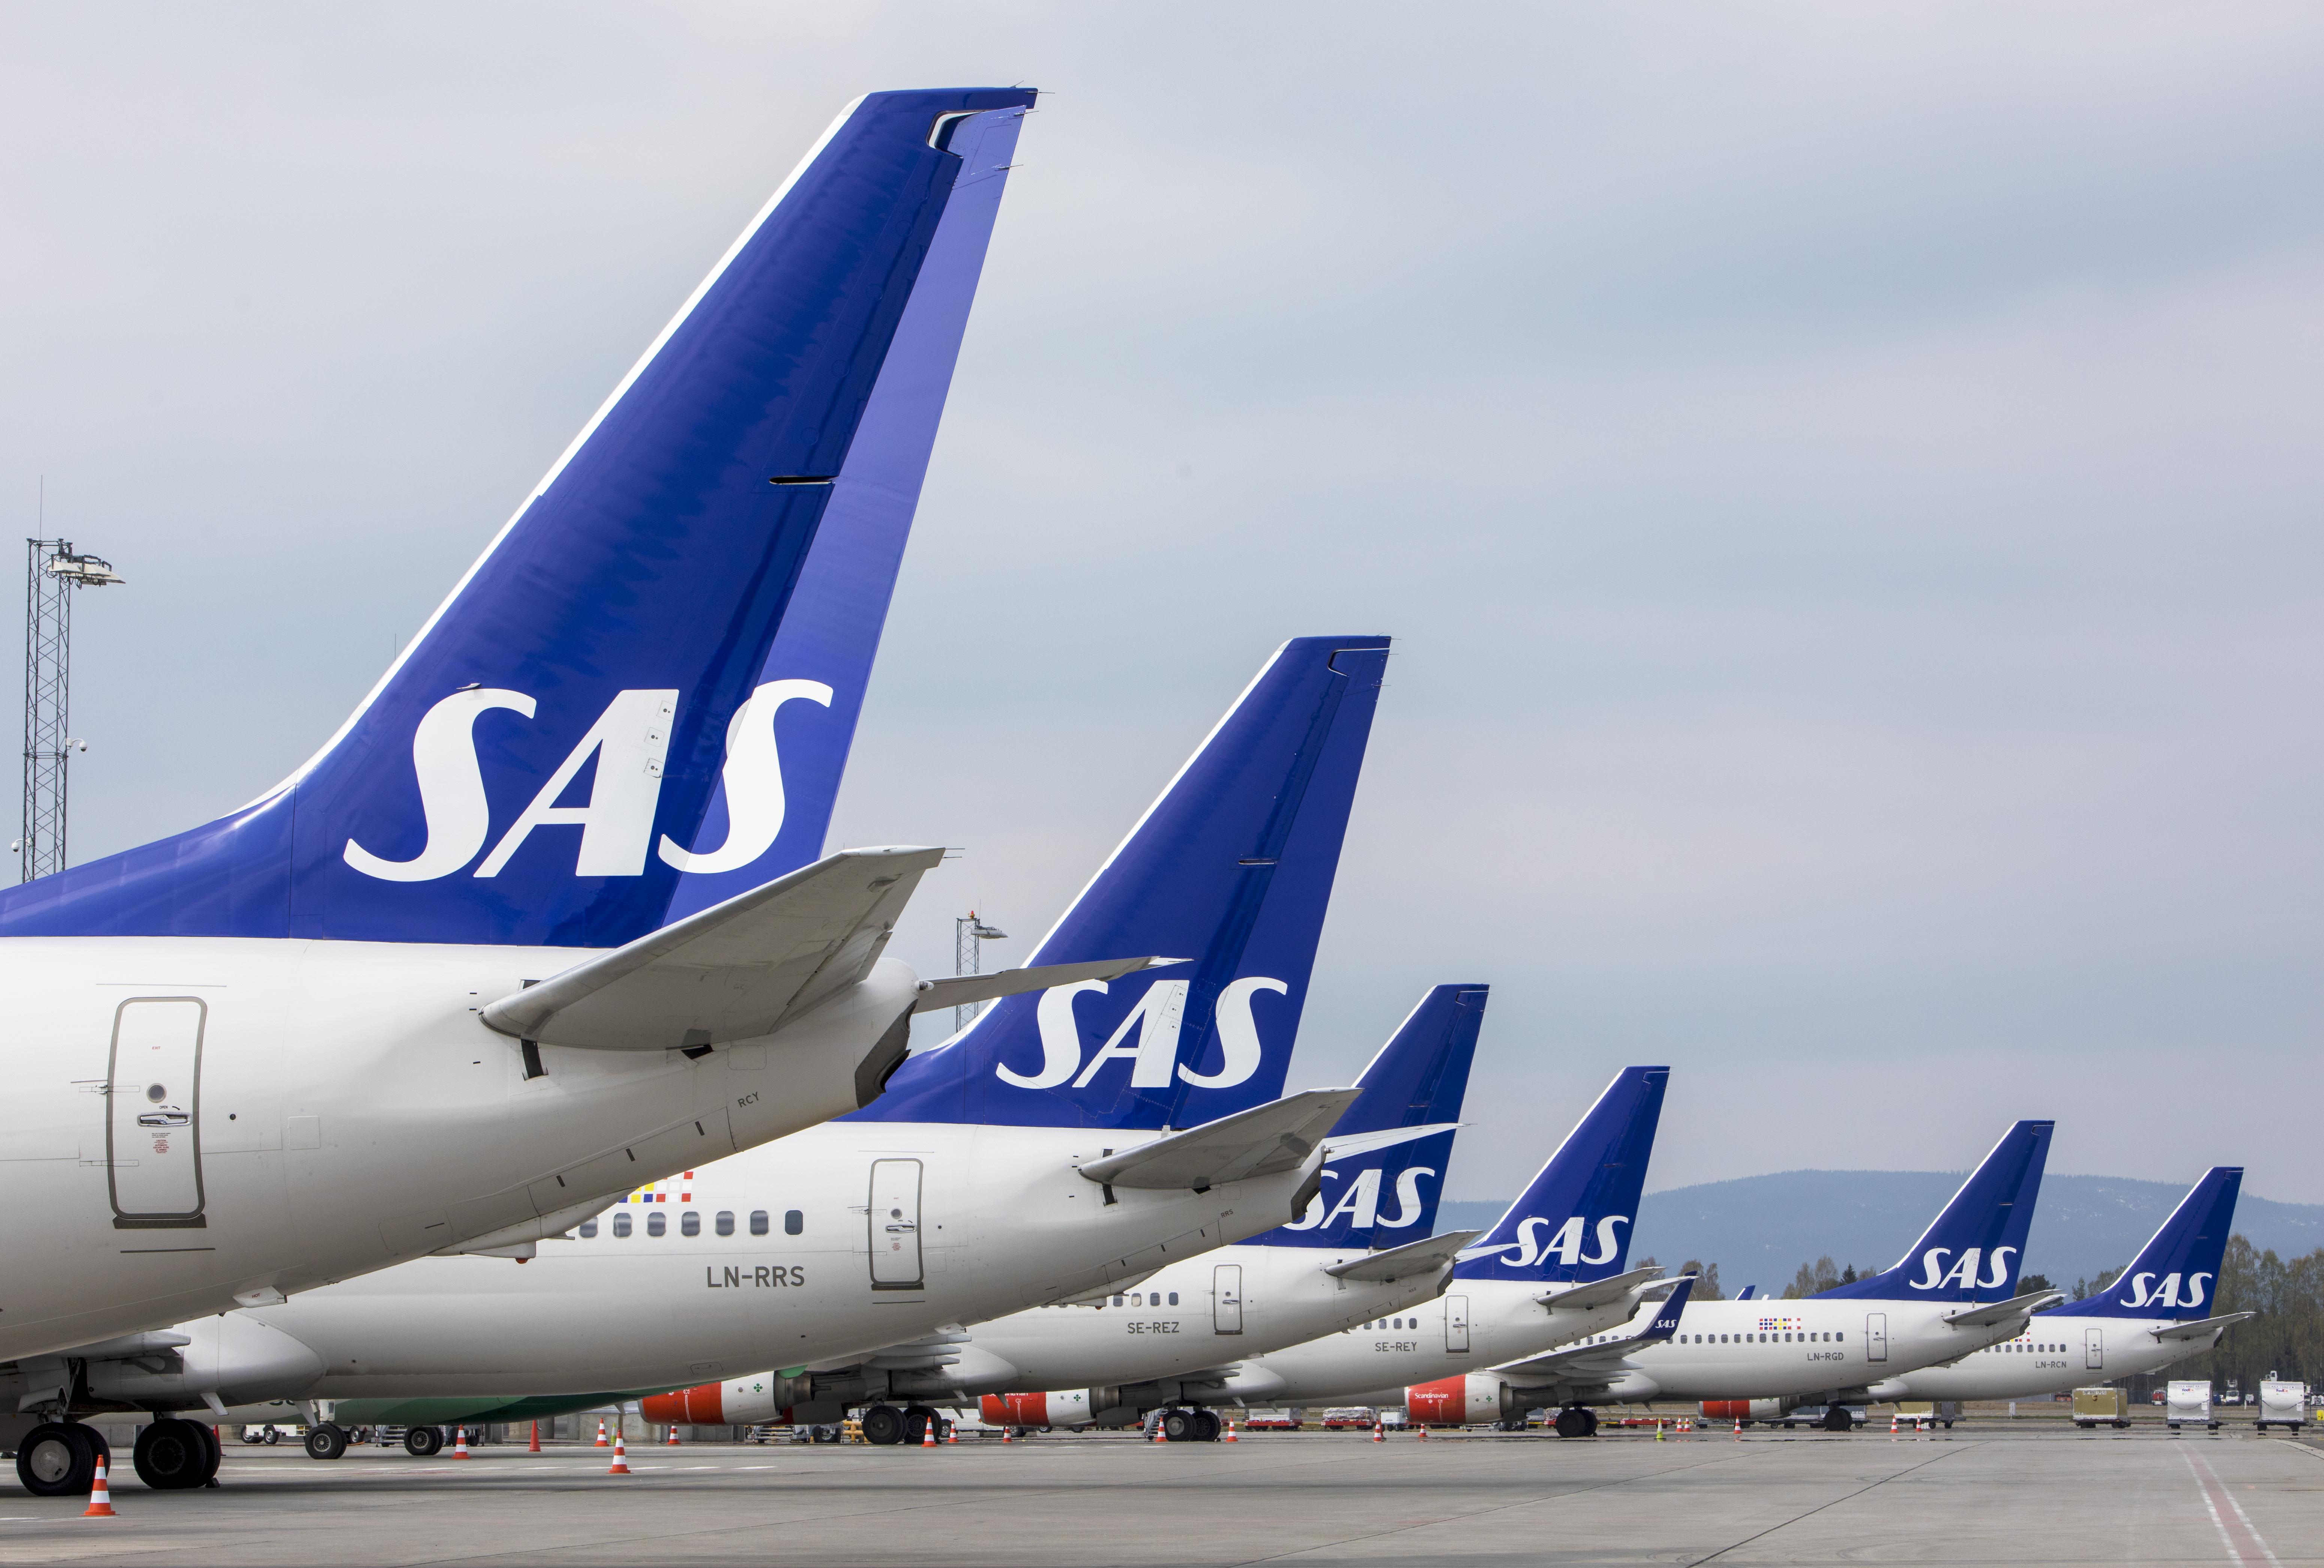 Az SAS légitársaság visszavonta reklámját, amit szerintük a szélsőségesek kiforgattak